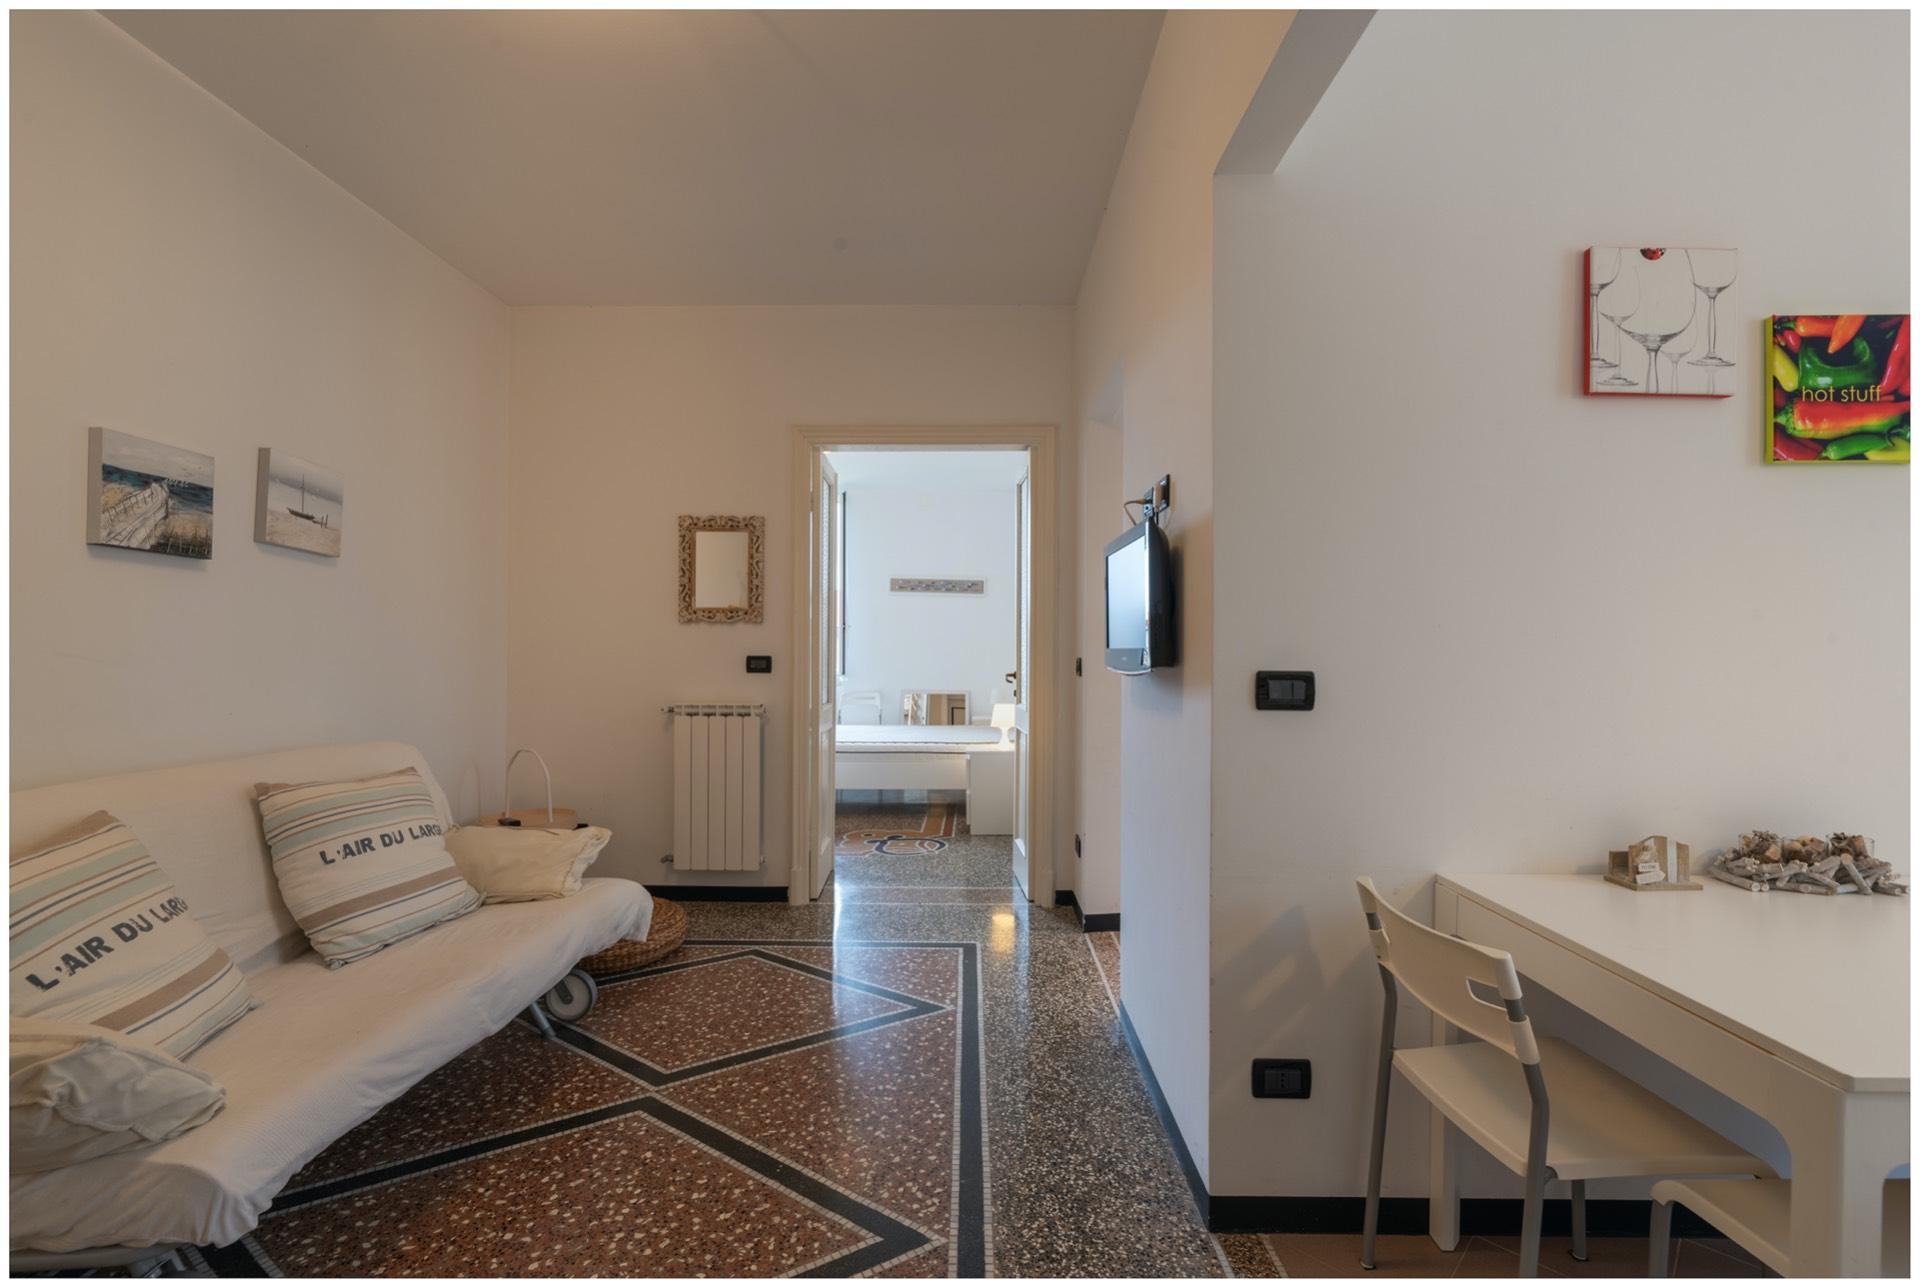 Appartamento in affitto a Varazze, 3 locali, zona Località: Varazze, prezzo € 900 | PortaleAgenzieImmobiliari.it